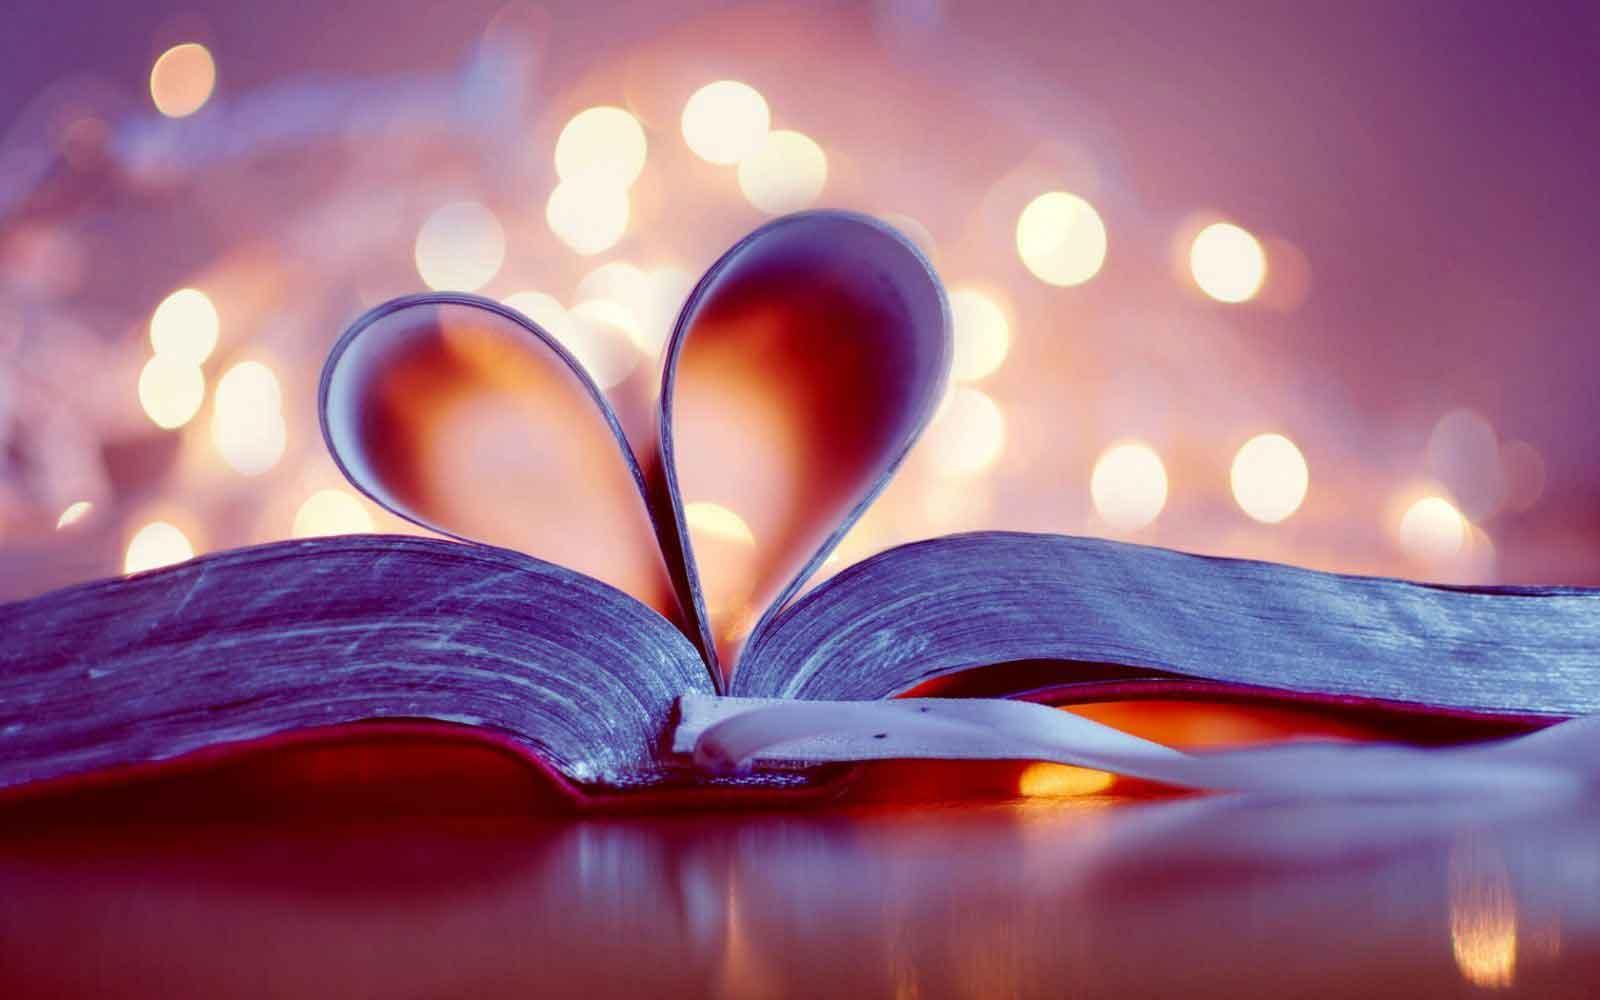 Những câu nói hay về tình yêu và cuộc sống